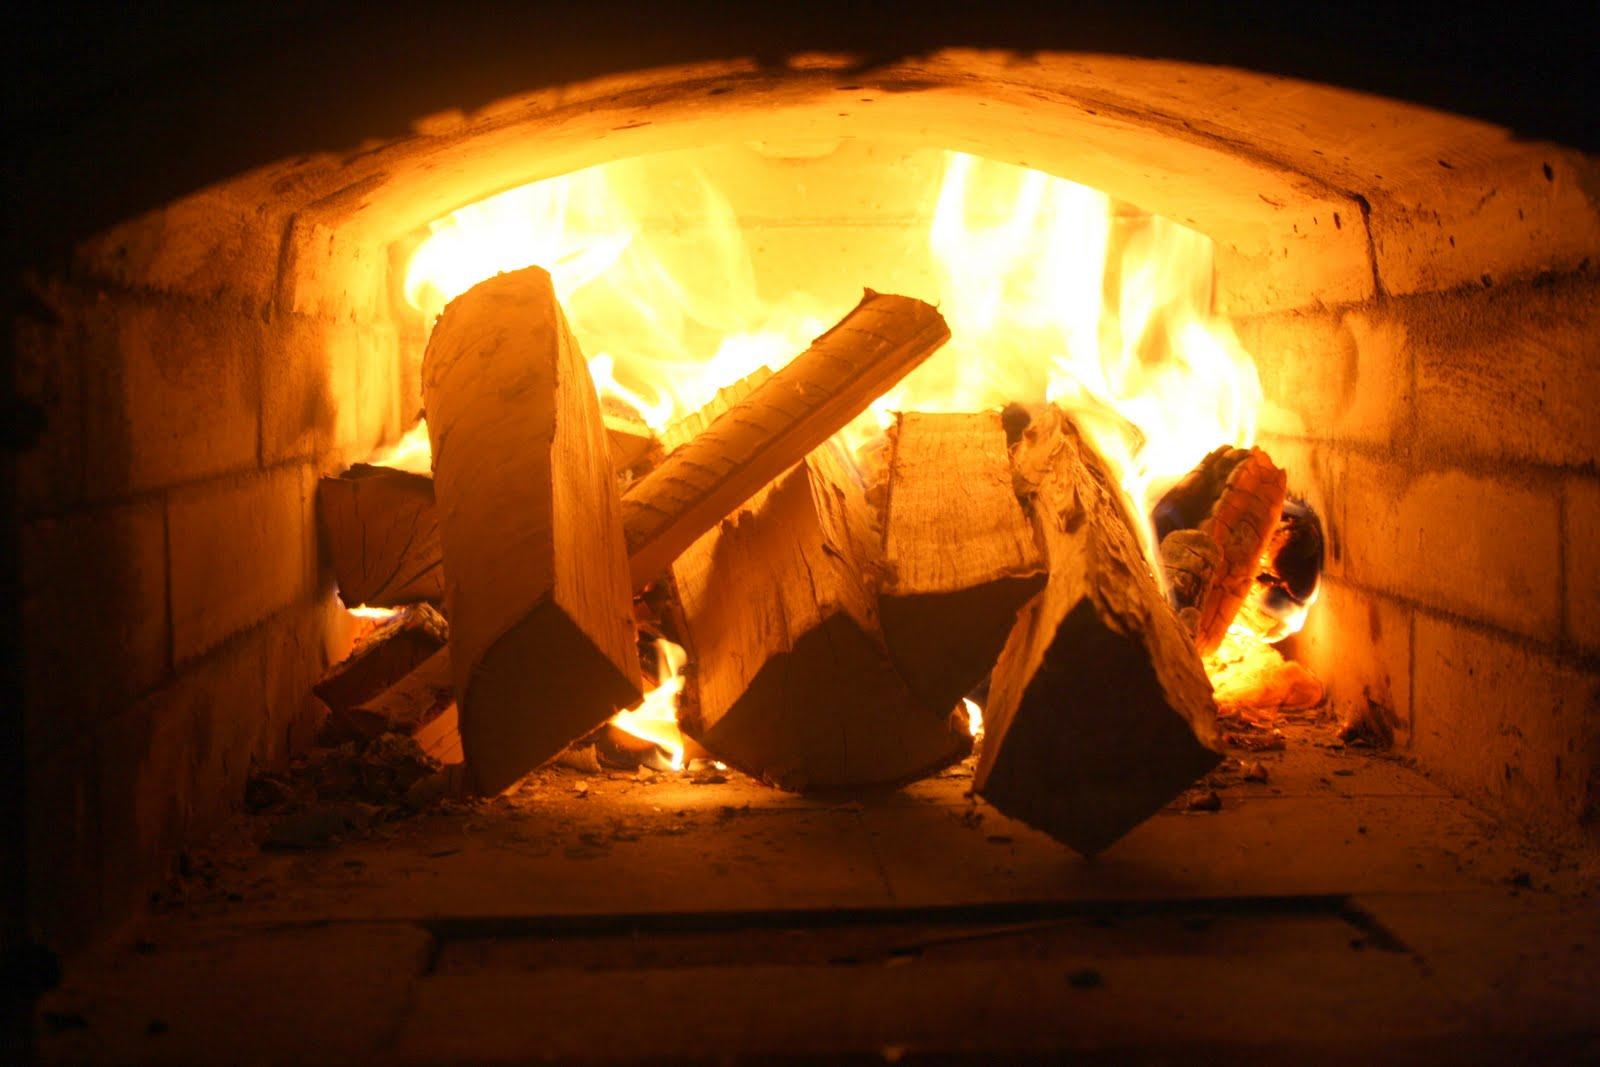 Leivinuunin lämmitysohje